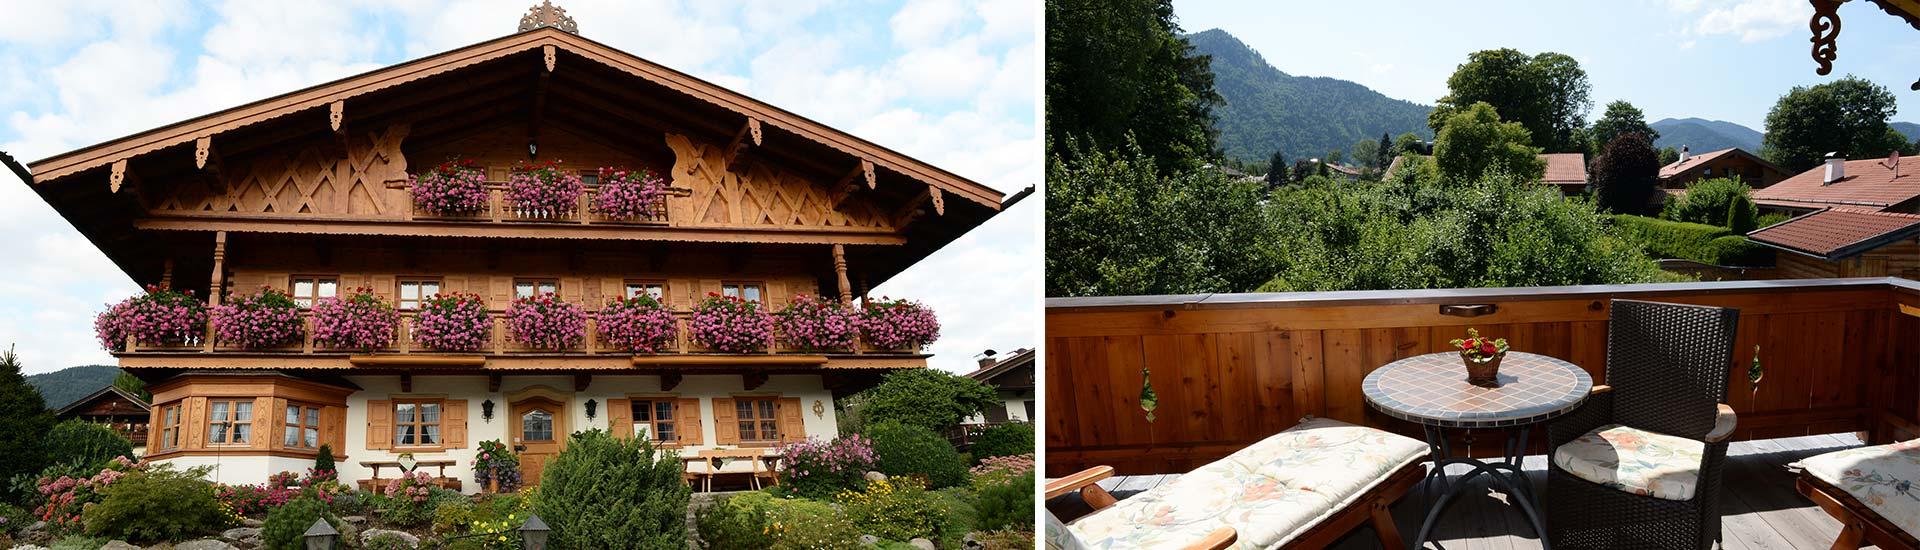 häuser-tegernsee-balkone